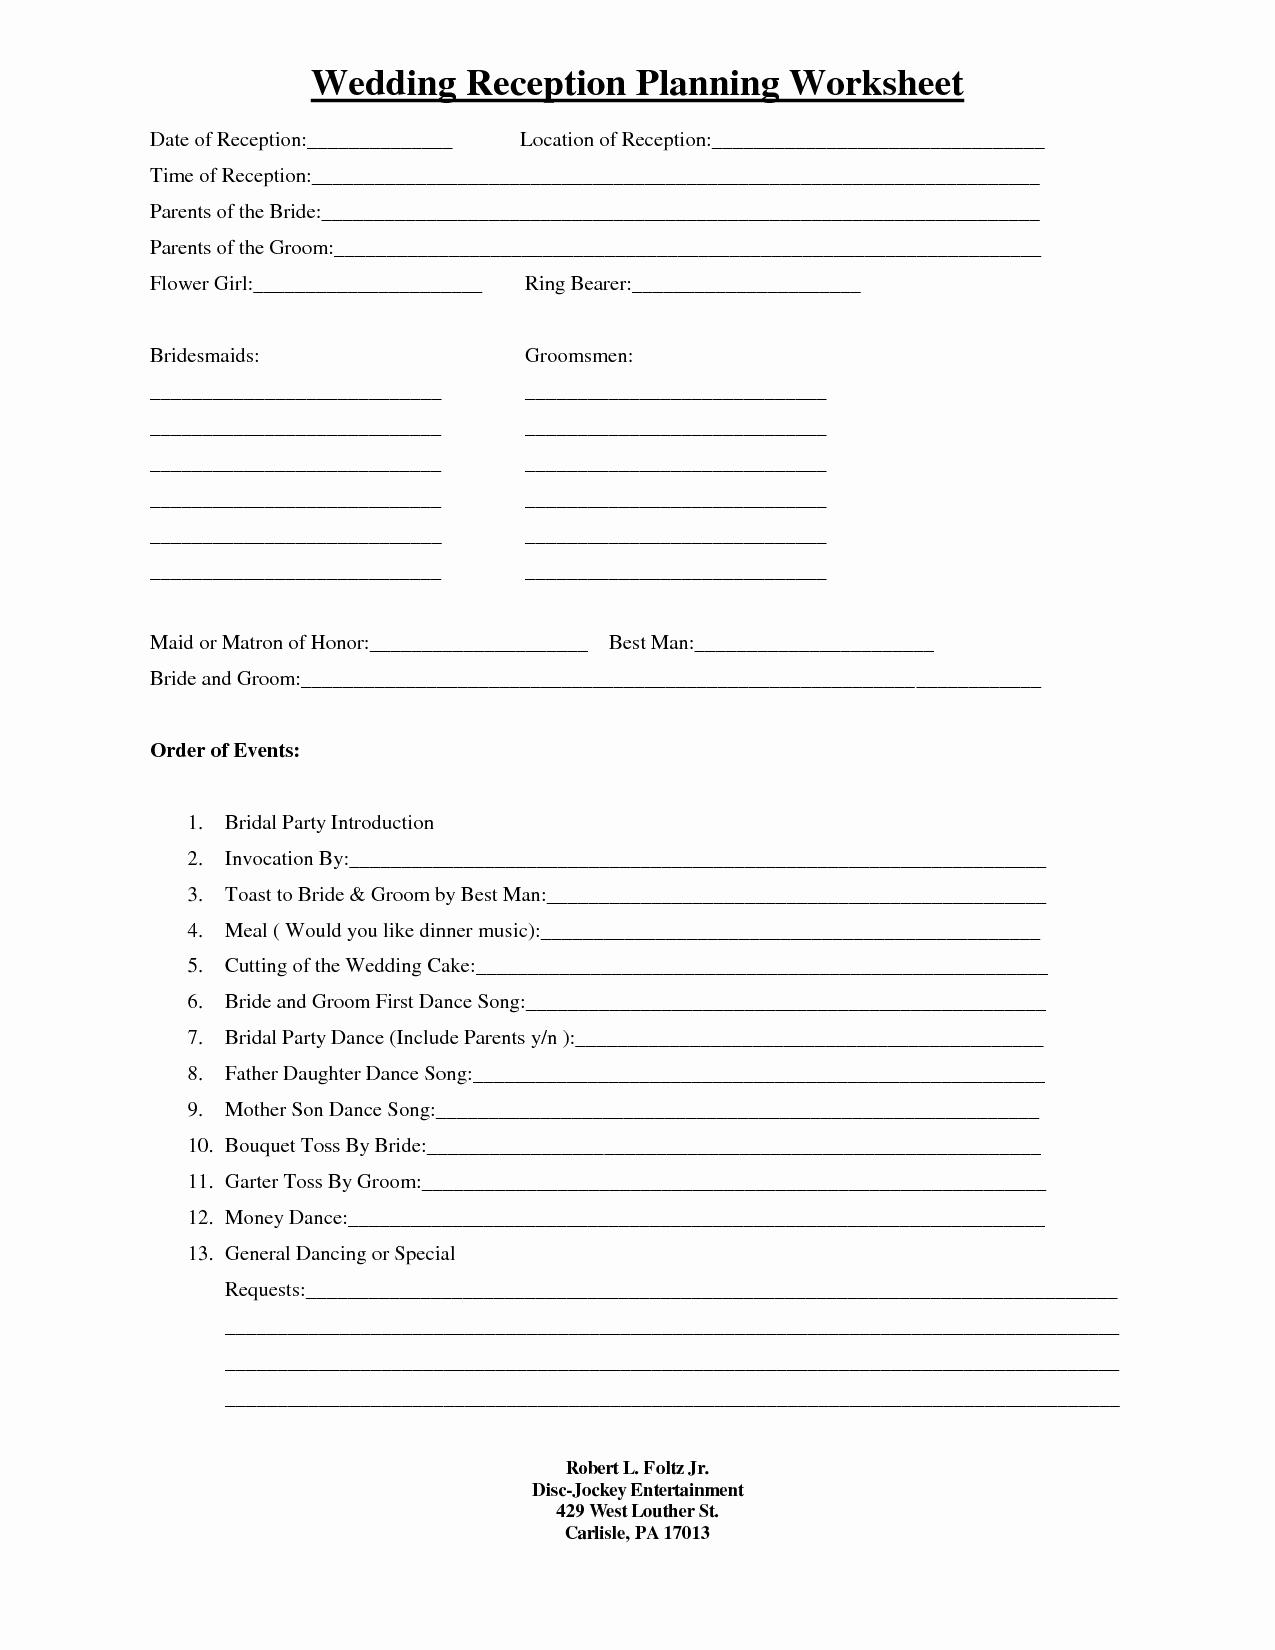 Wedding Guest List Worksheet Printable Elegant 15 Best Of Wedding Guest List Worksheets